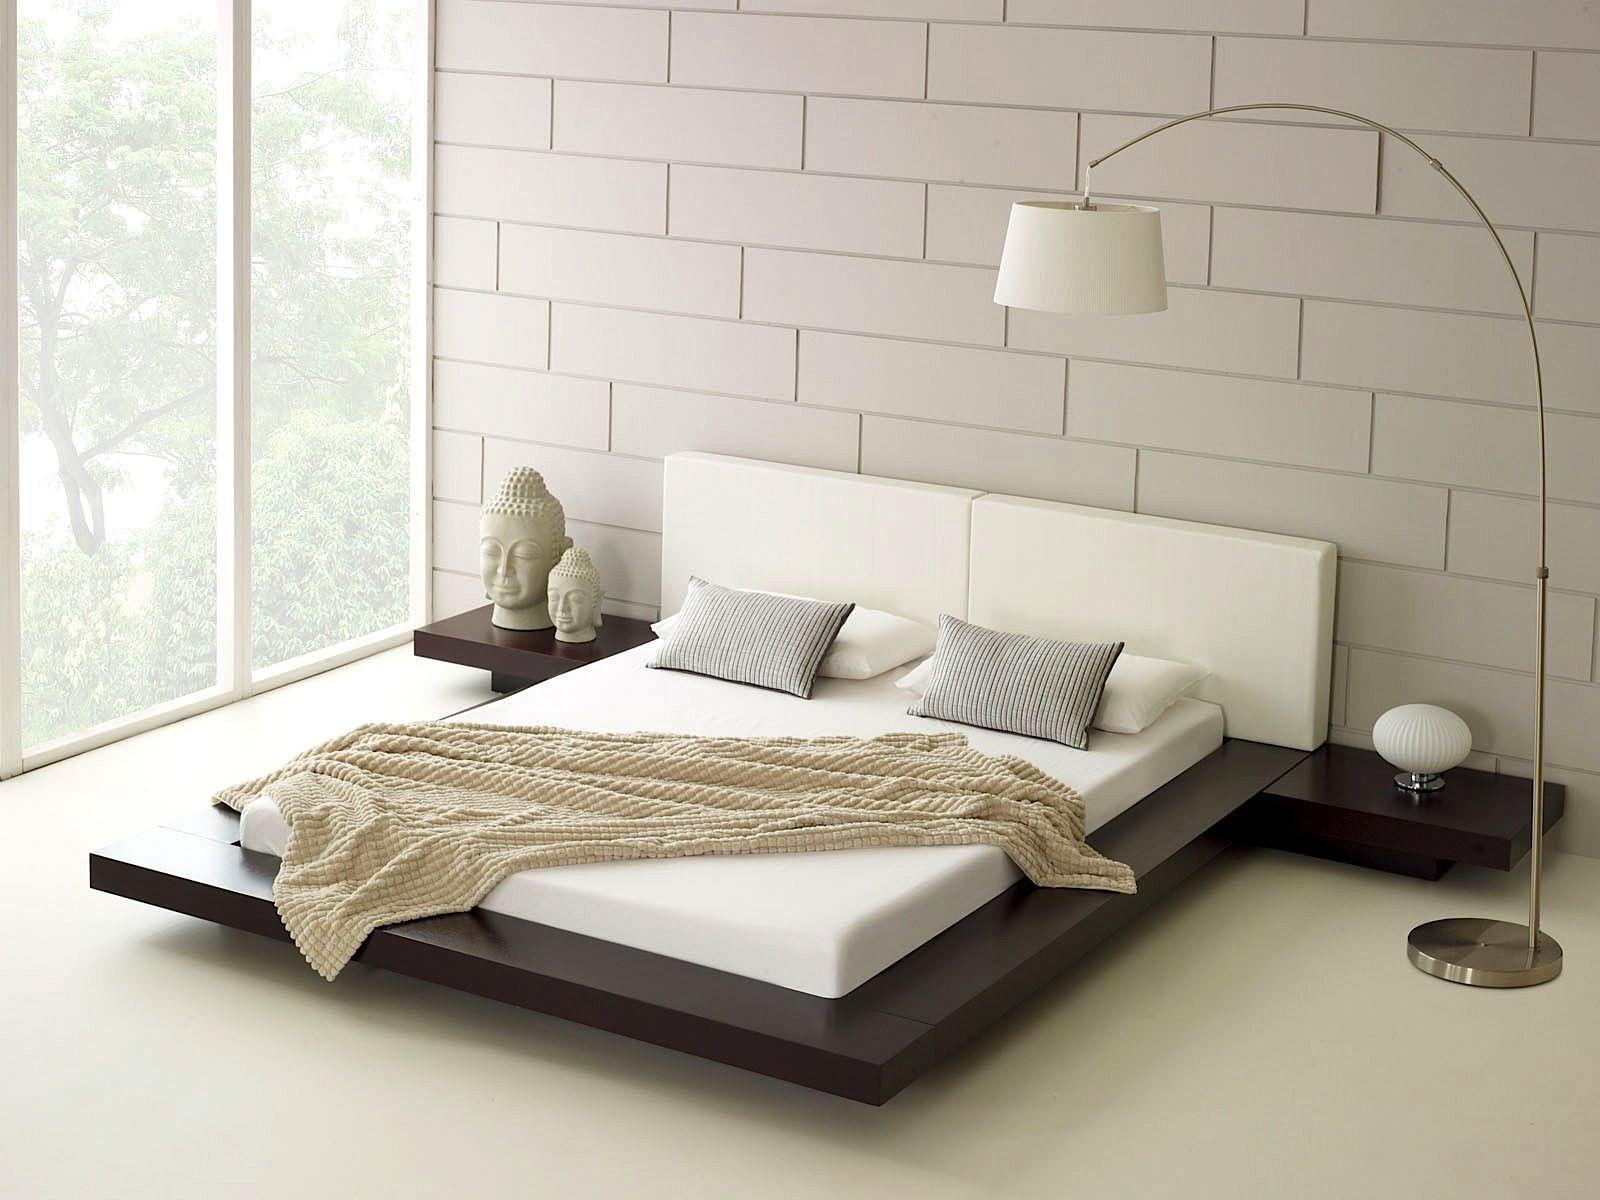 zen-style #minimalist #bedroom with platform bed | Ev dekorasyonu ...